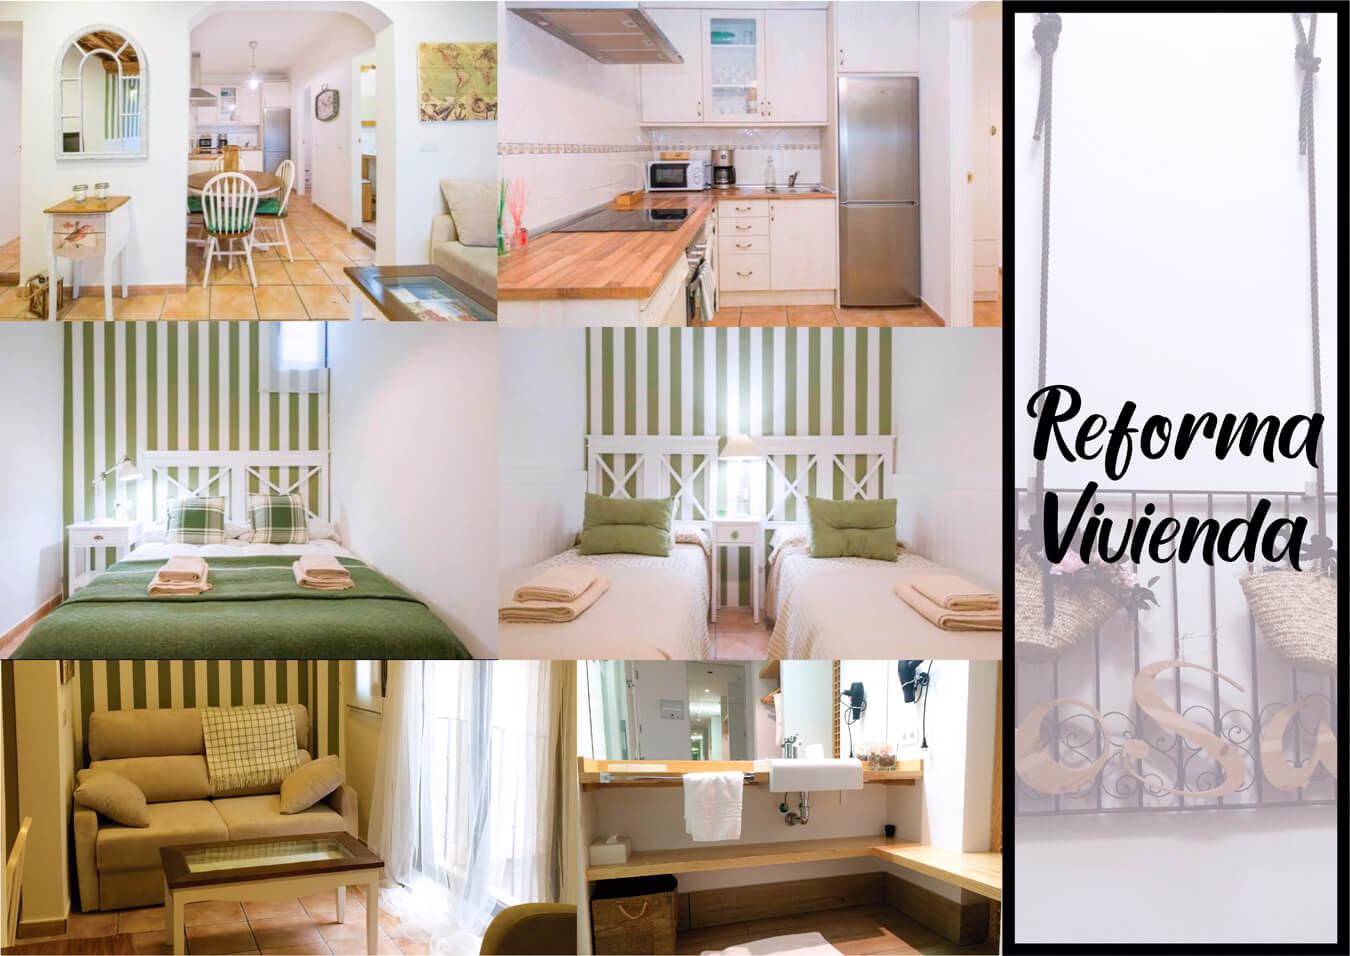 Reforma vivienda - Ref.0001